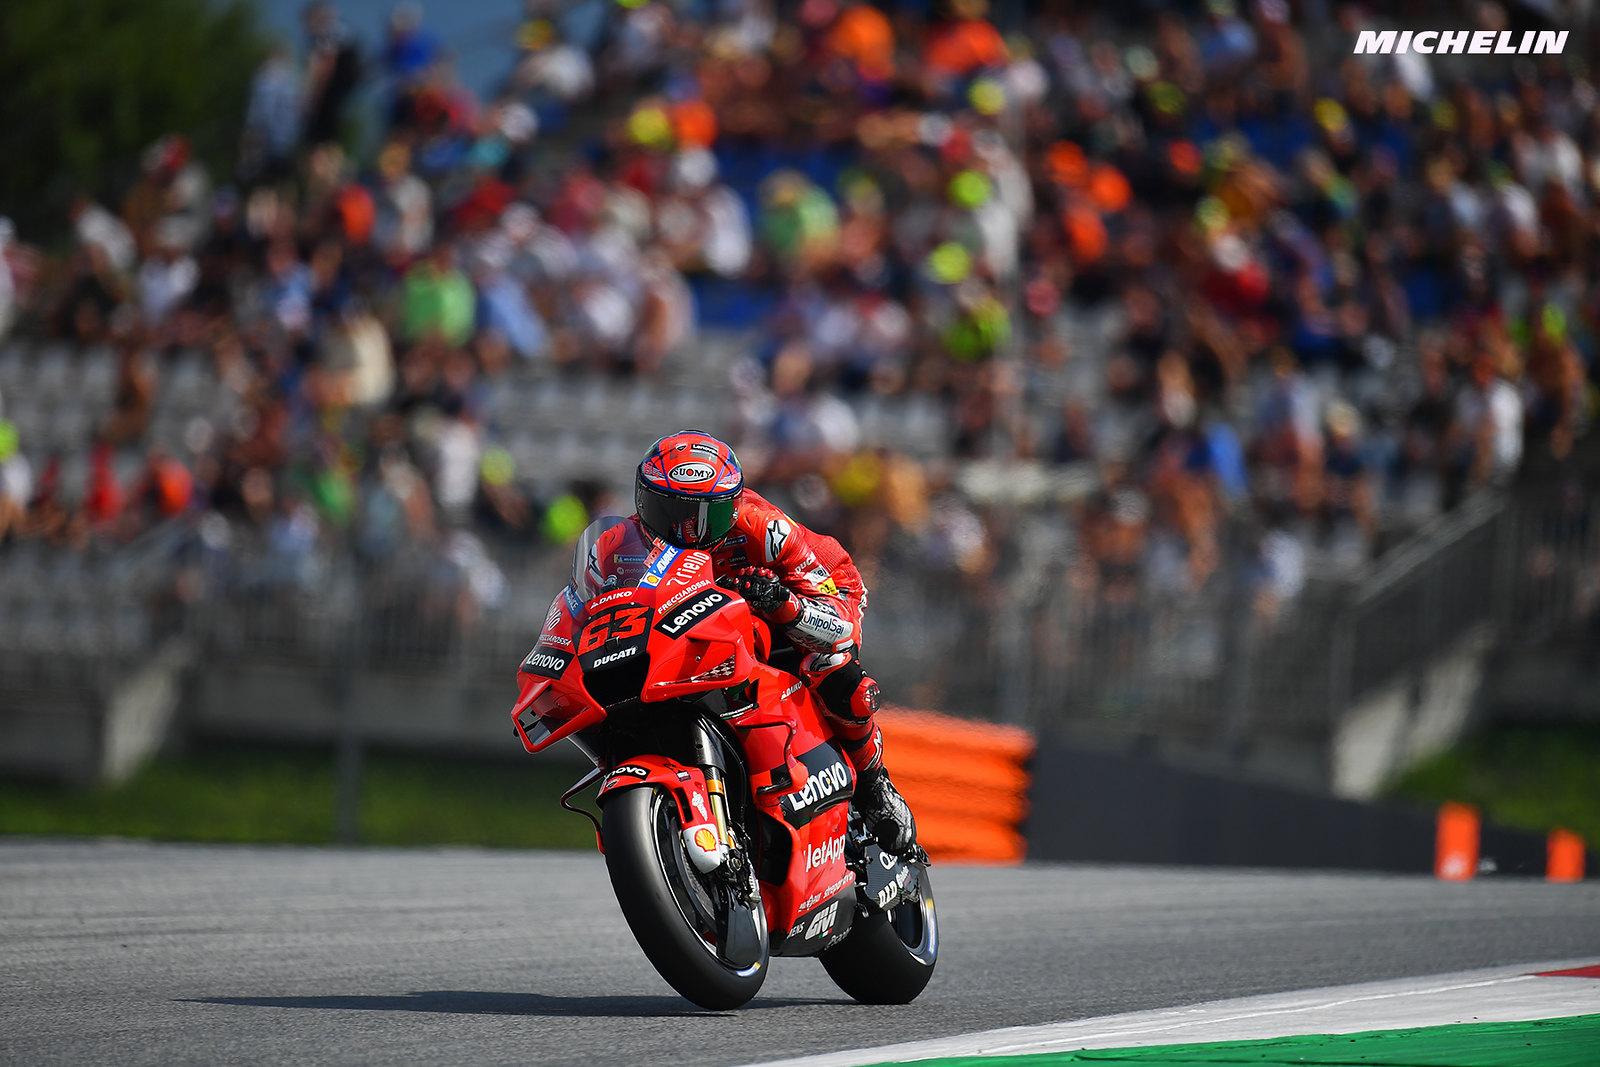 MotoGP2021オーストリアGP 予選3位フランセスコ・バグナイア「ミシュランと話し合いを持ちたい」